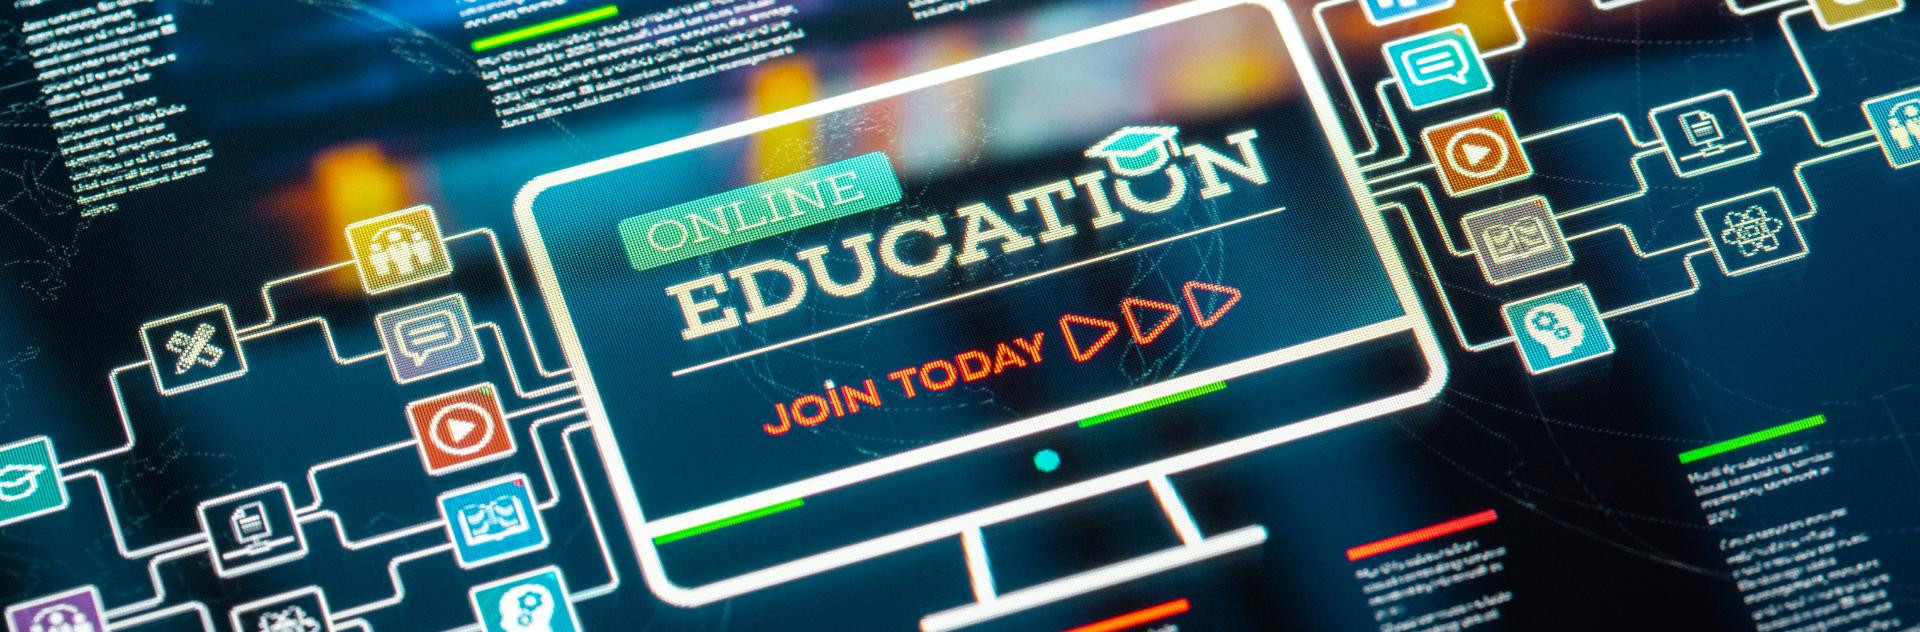 Edtech EBAC Online, de Rafael Steinhauser, levanta série A de US$ 11 mi